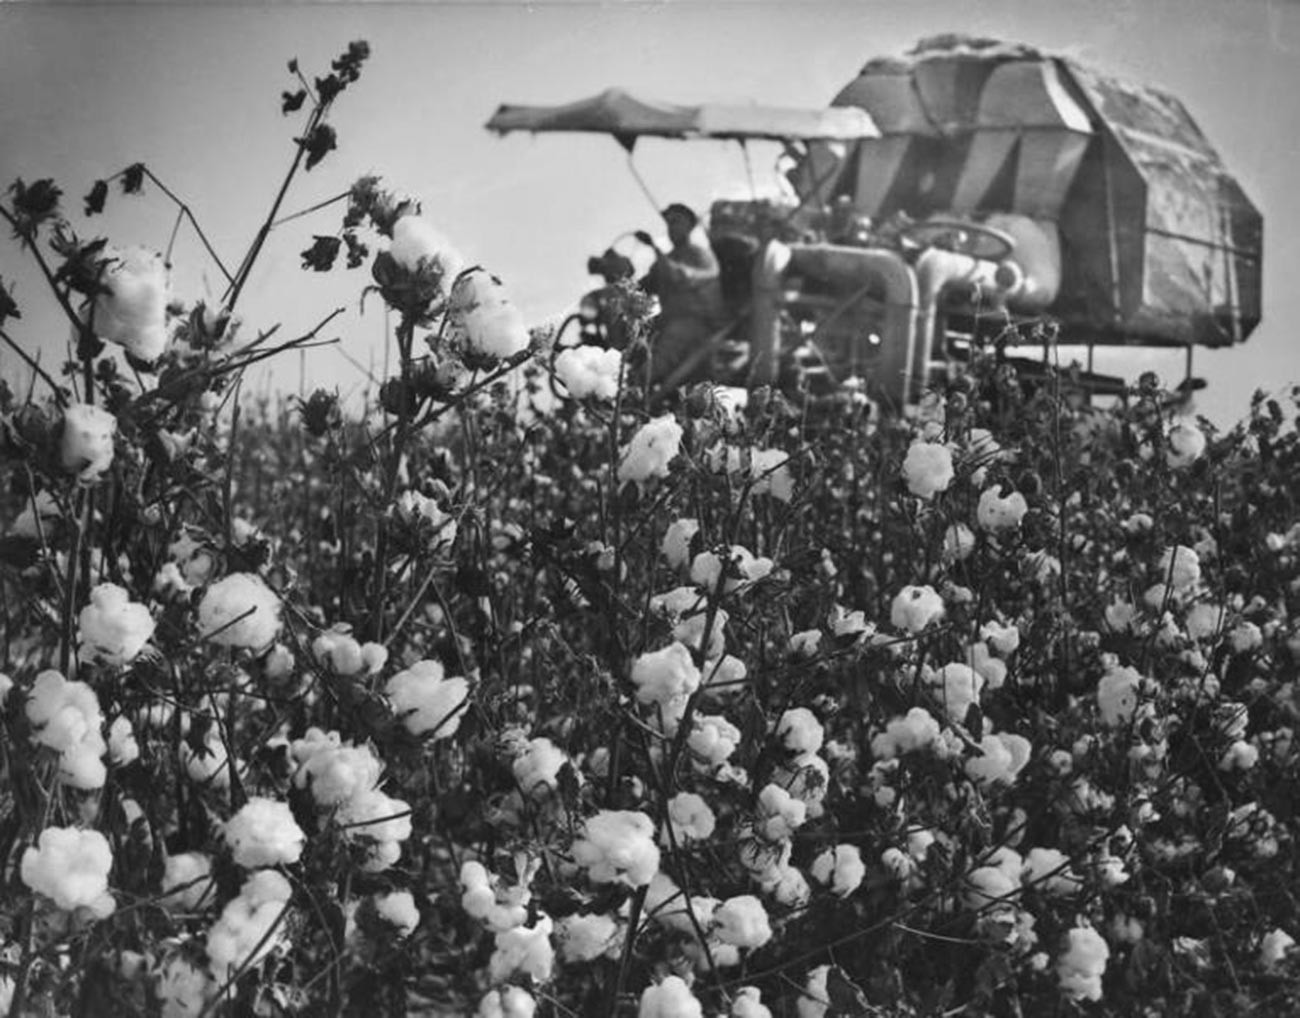 Uzbek Republic. Cotton harvest; 1970s.